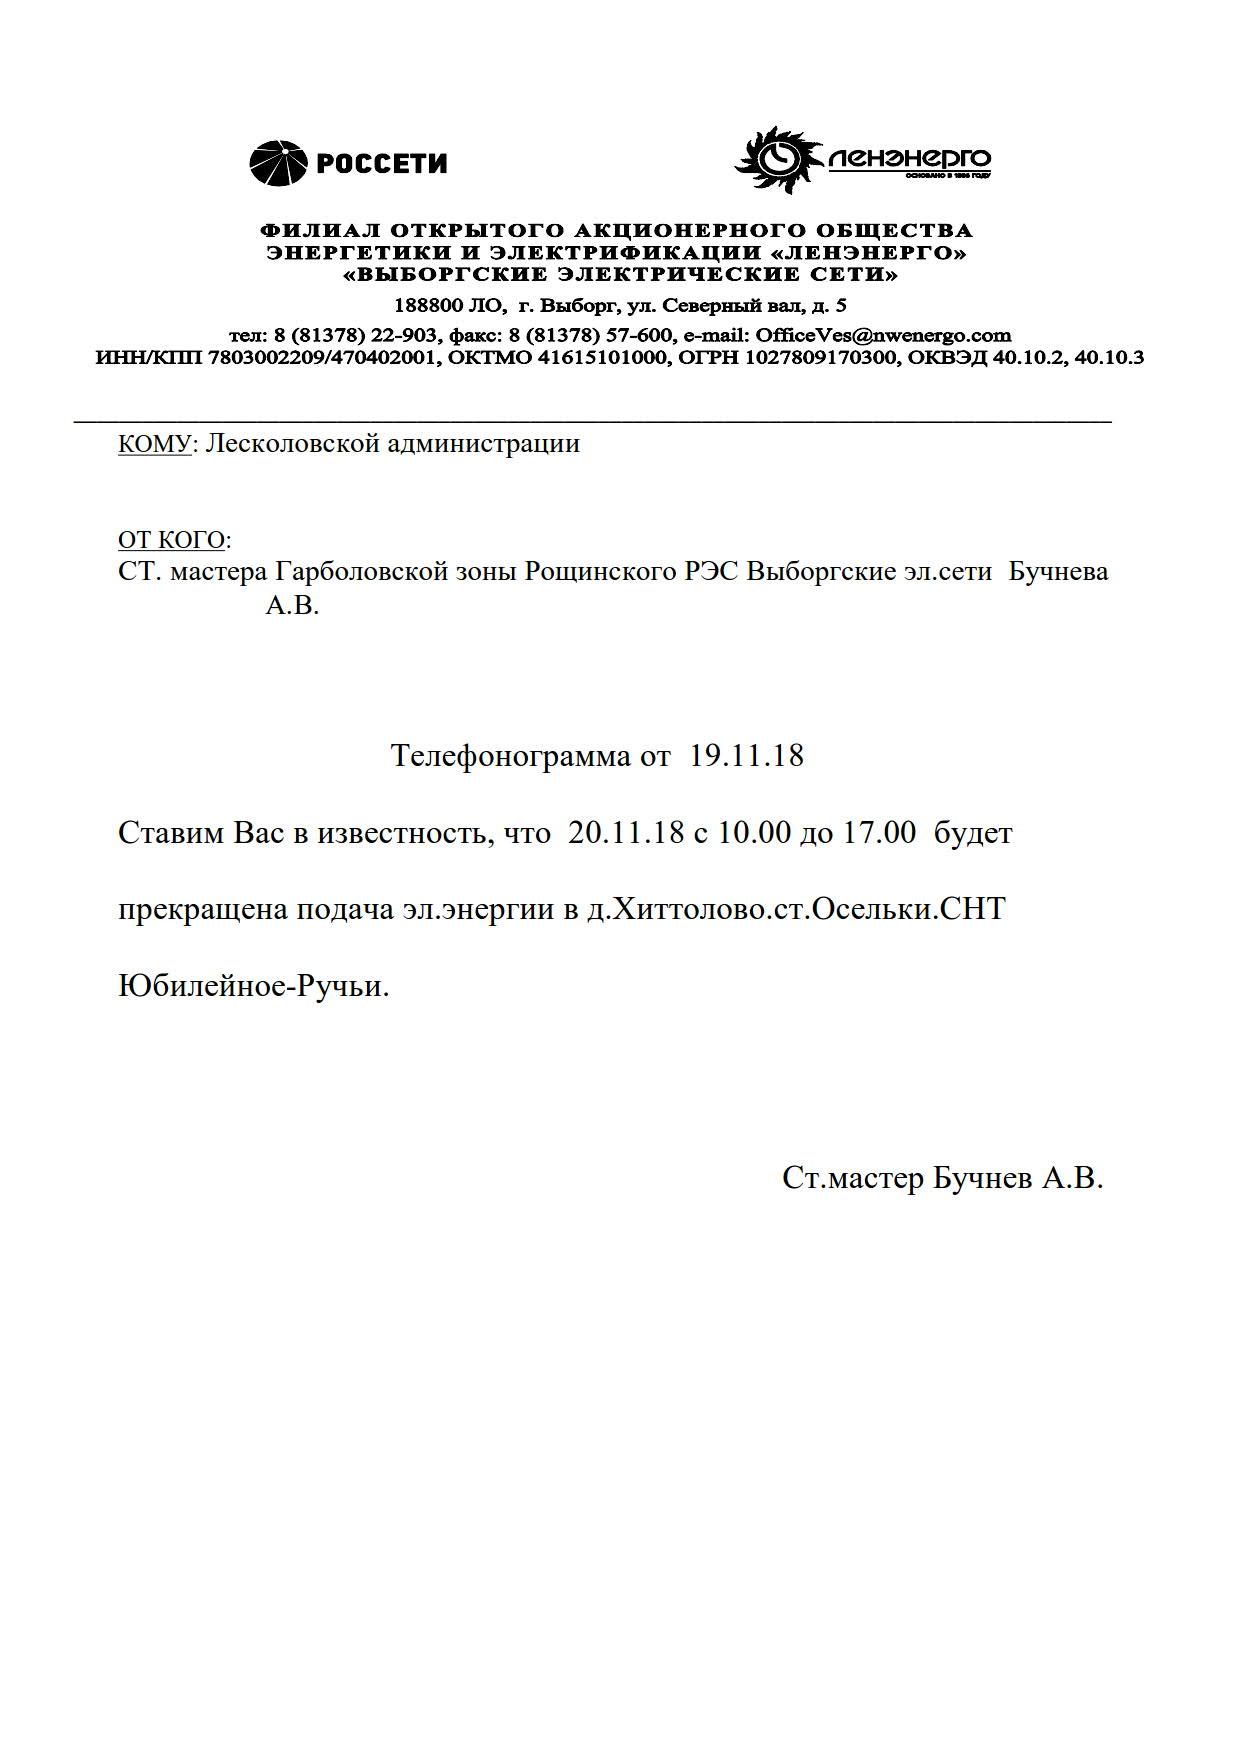 отключения 19.11.18_1